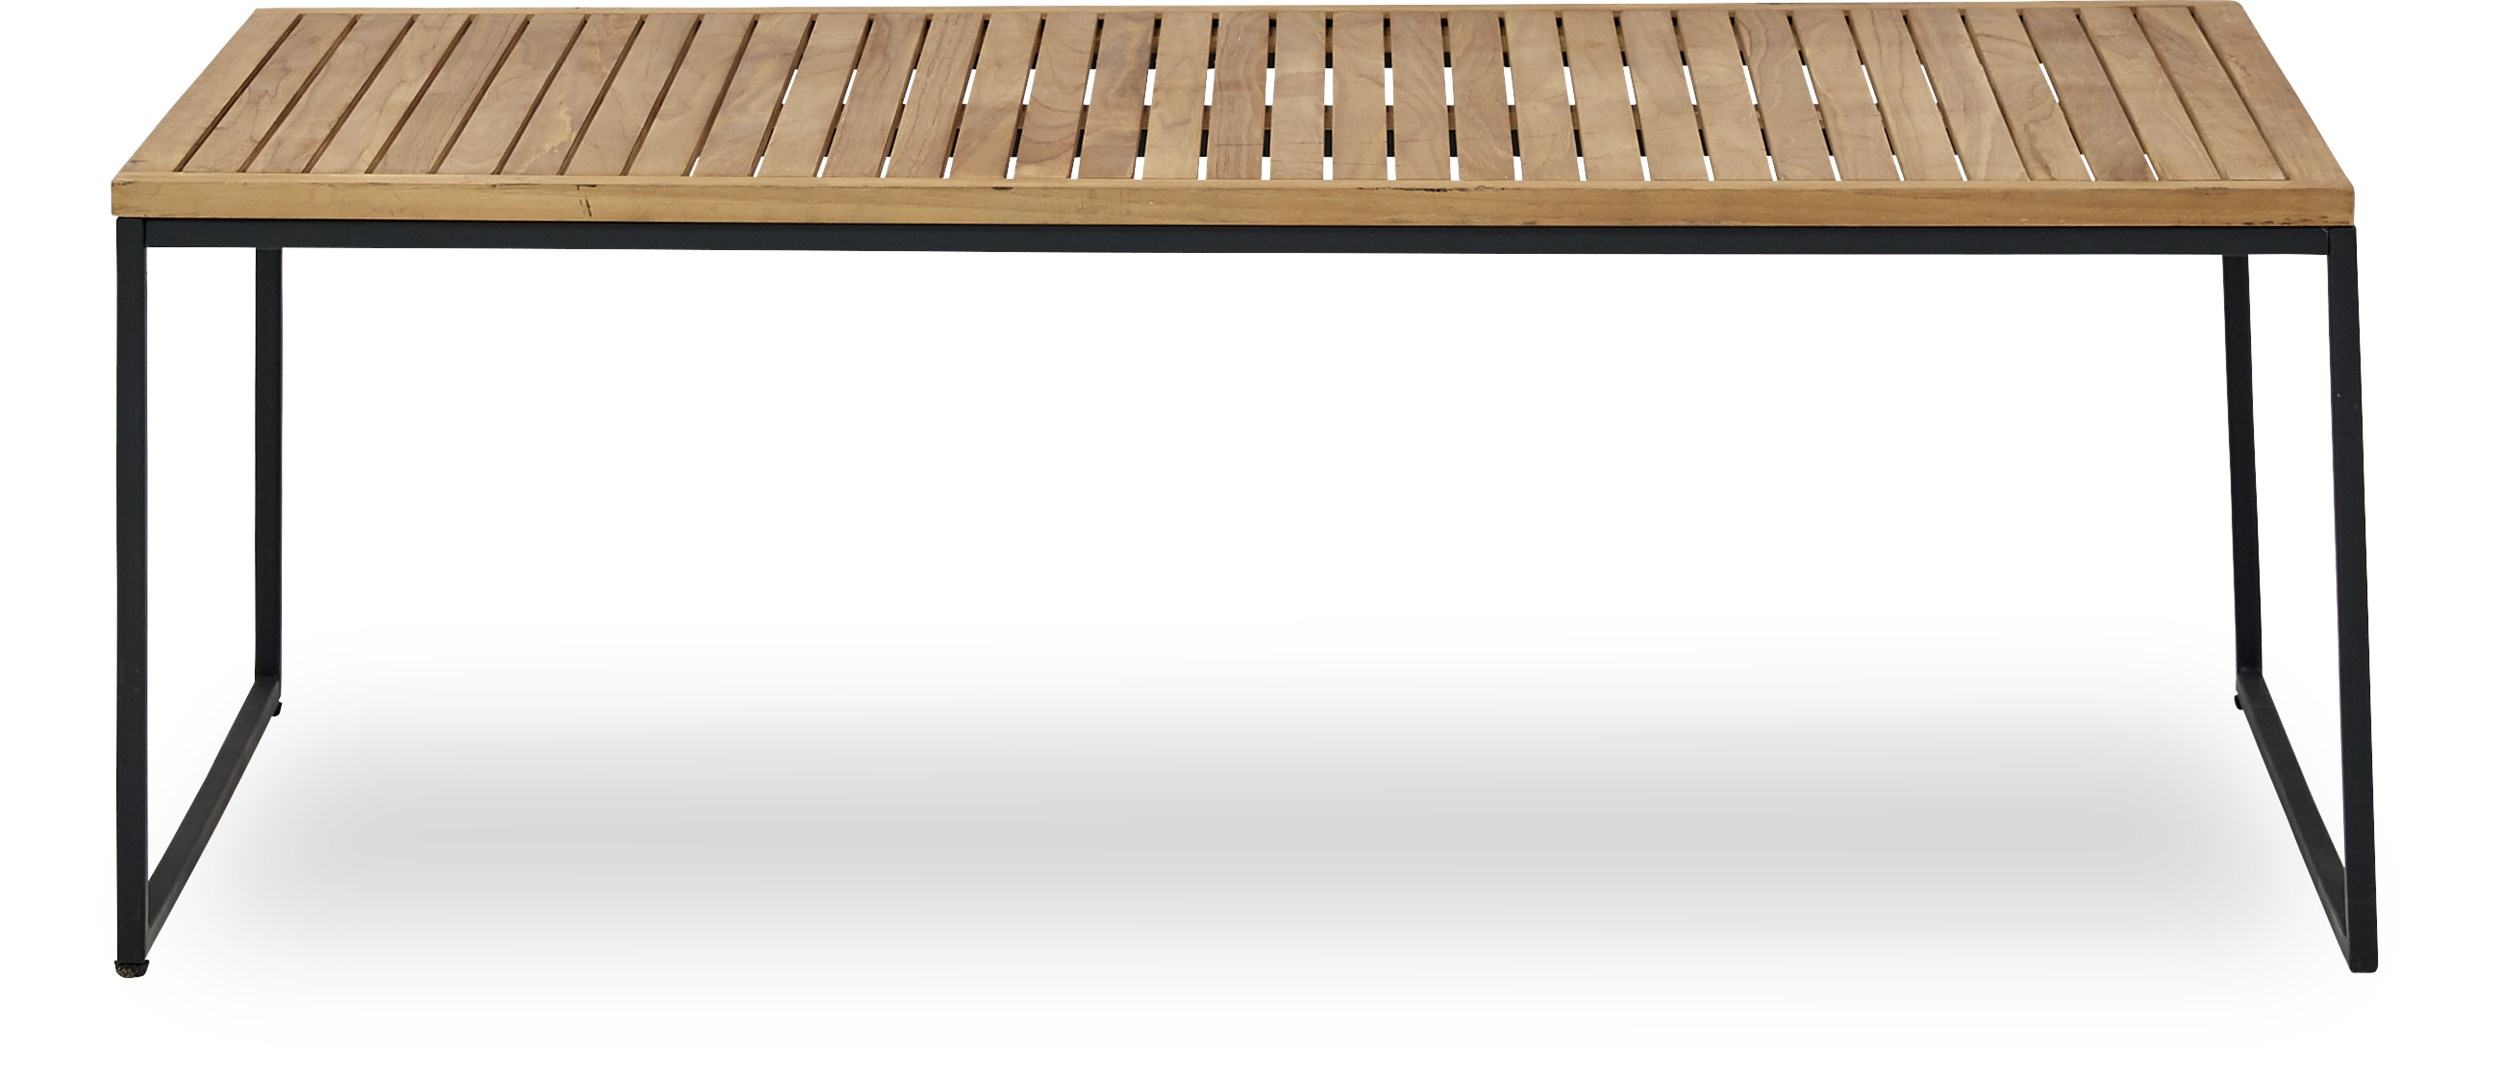 Vega Loungebord